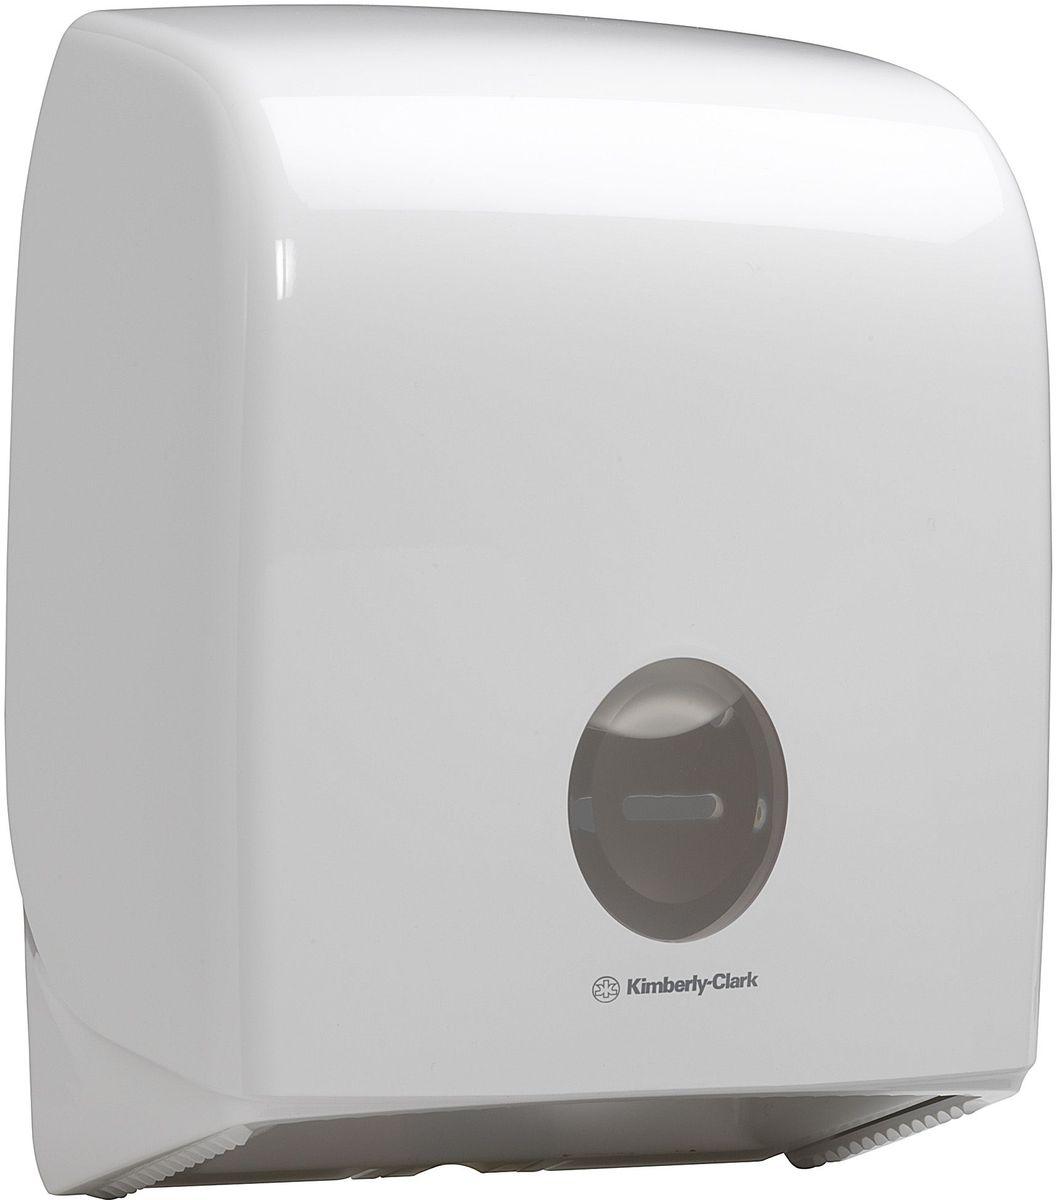 Диспенсер для туалетной бумаги Aquarius Jumbo, большой рулон, цвет: белый. 69586958Ассортимент диспенсеров для рулонной туалетной бумаги, которые выполнены в одном стиле с диспенсерами для мыла и для полотенец для рук. Диспенсеры мотивируют сотрудников соблюдать гигиенические нормы, повышают уровень комфорта, демонстрируют заботу о персонале и помогают сократить расходы. Идеальное решение, обеспечивающее подачу рулонной туалетной бумаги из элегантного диспенсера в туалетных комнатах с высокой проходимостью, легкая загрузка, практичное, гигиеничное и экономичное решение. Диспенсер имеет съемную ось, и межет быть использован с рулонами с диаметром втулки 44/60/76 мм. Максимальный диаметр рулона – 200 мм. Формат поставки: диспенсер современного дизайна, обтекаемой формы, обеспечивающий быструю заправку; белое глянцевое, легко очищаемое покрытие; отсутствие мест скопления пыли и грязи; смотровое окно для контроля за расходными материалами; возможность выбора цветовых вставок в соответствие с интерьером конкретных туалетных комнат. Замена диспенсера 6988. Совместим с...